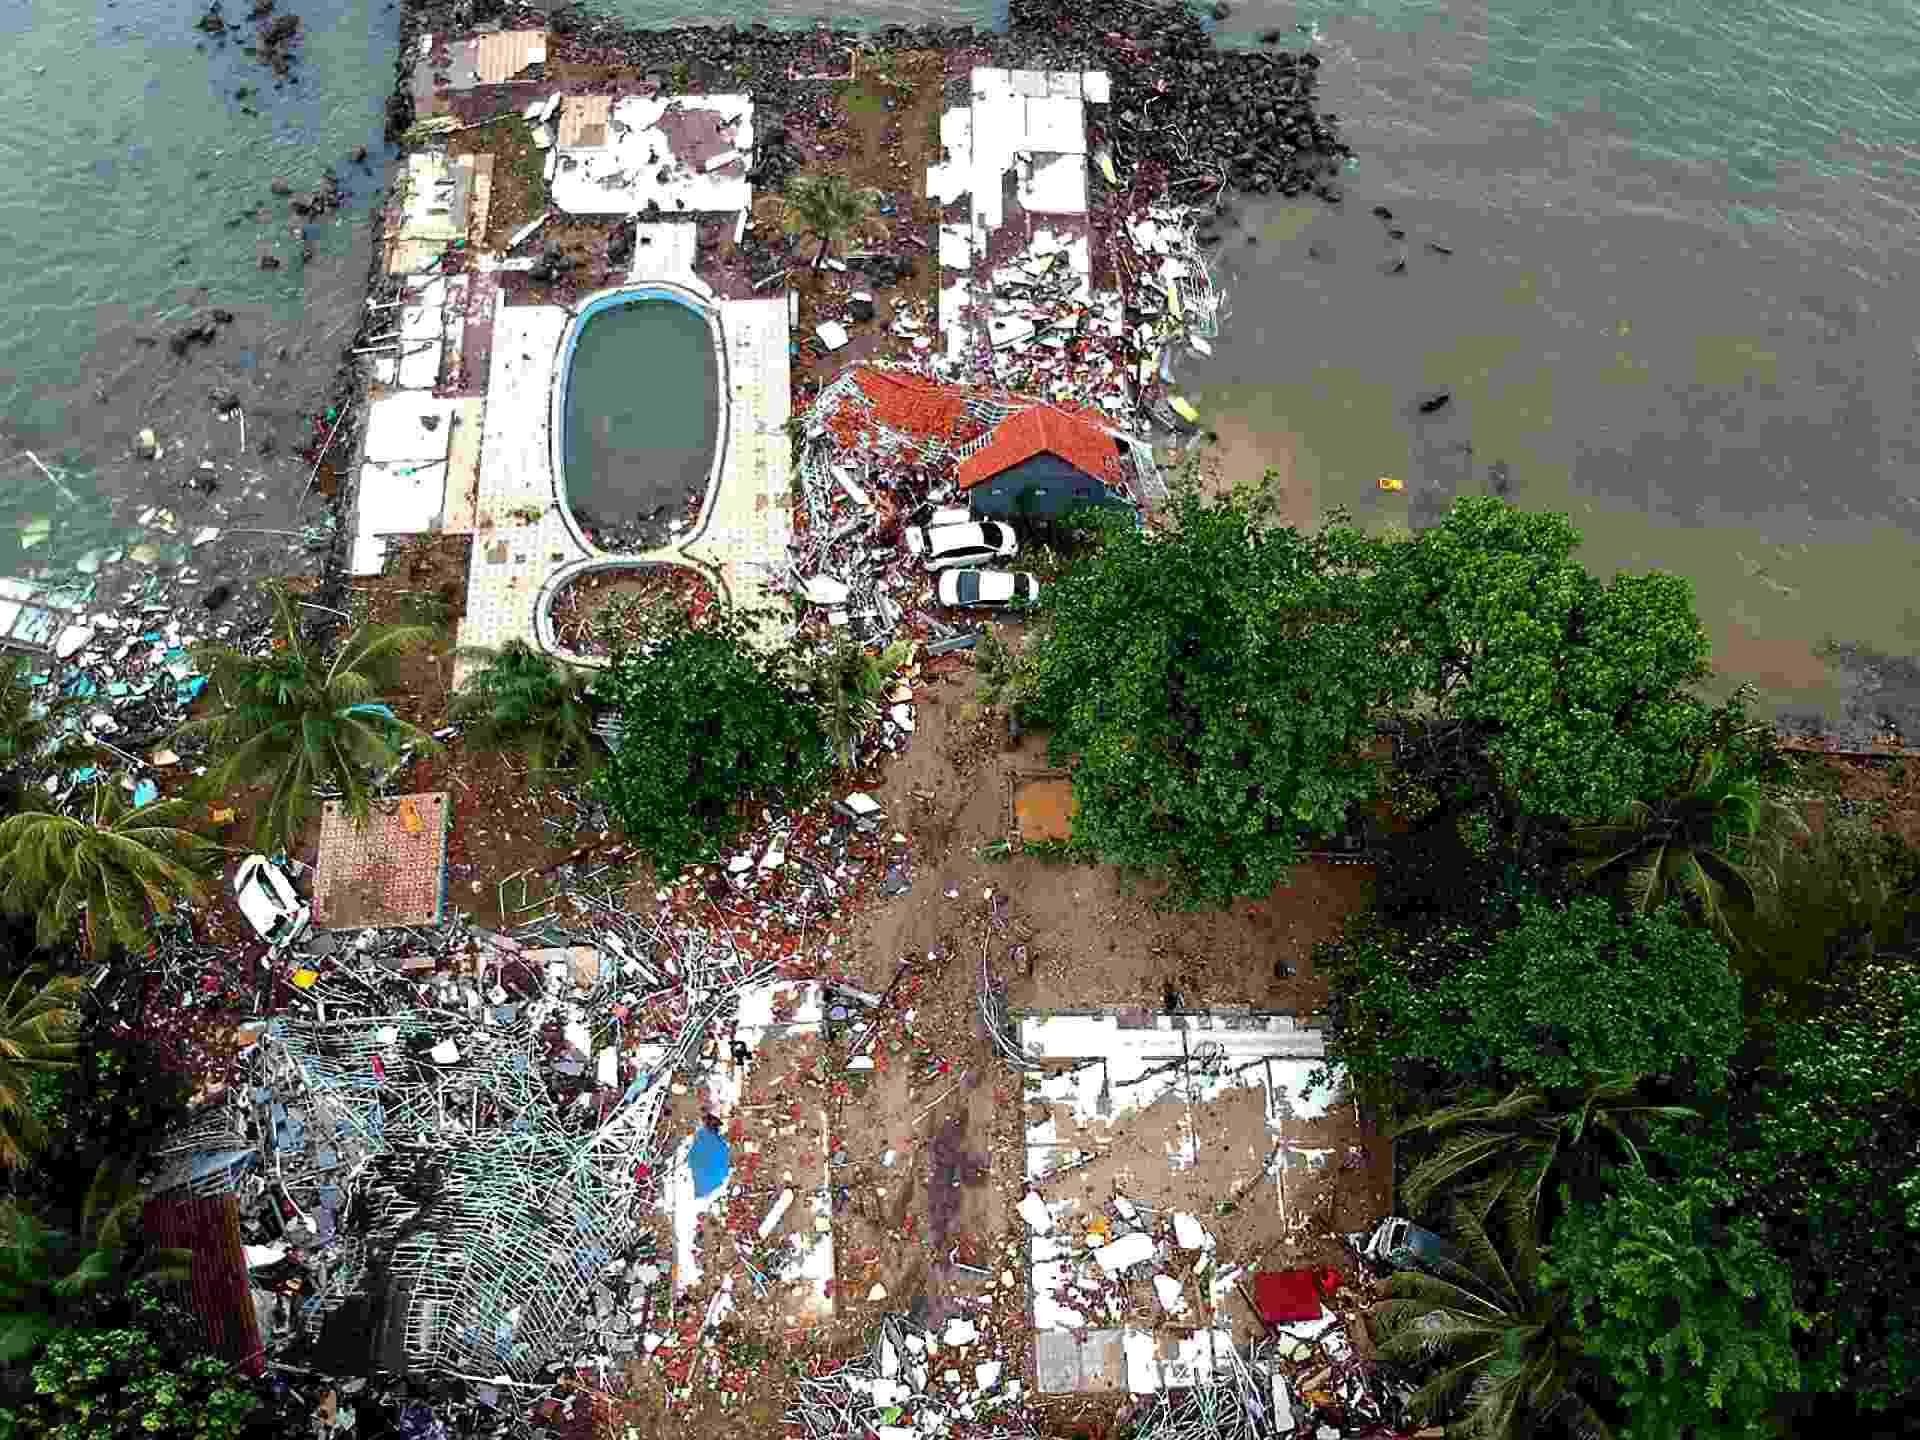 23.dez.2018 - Foto aérea mostra a destruição em Carita após a região ser atingida por um tsunami - Azwar Ipank/AFP